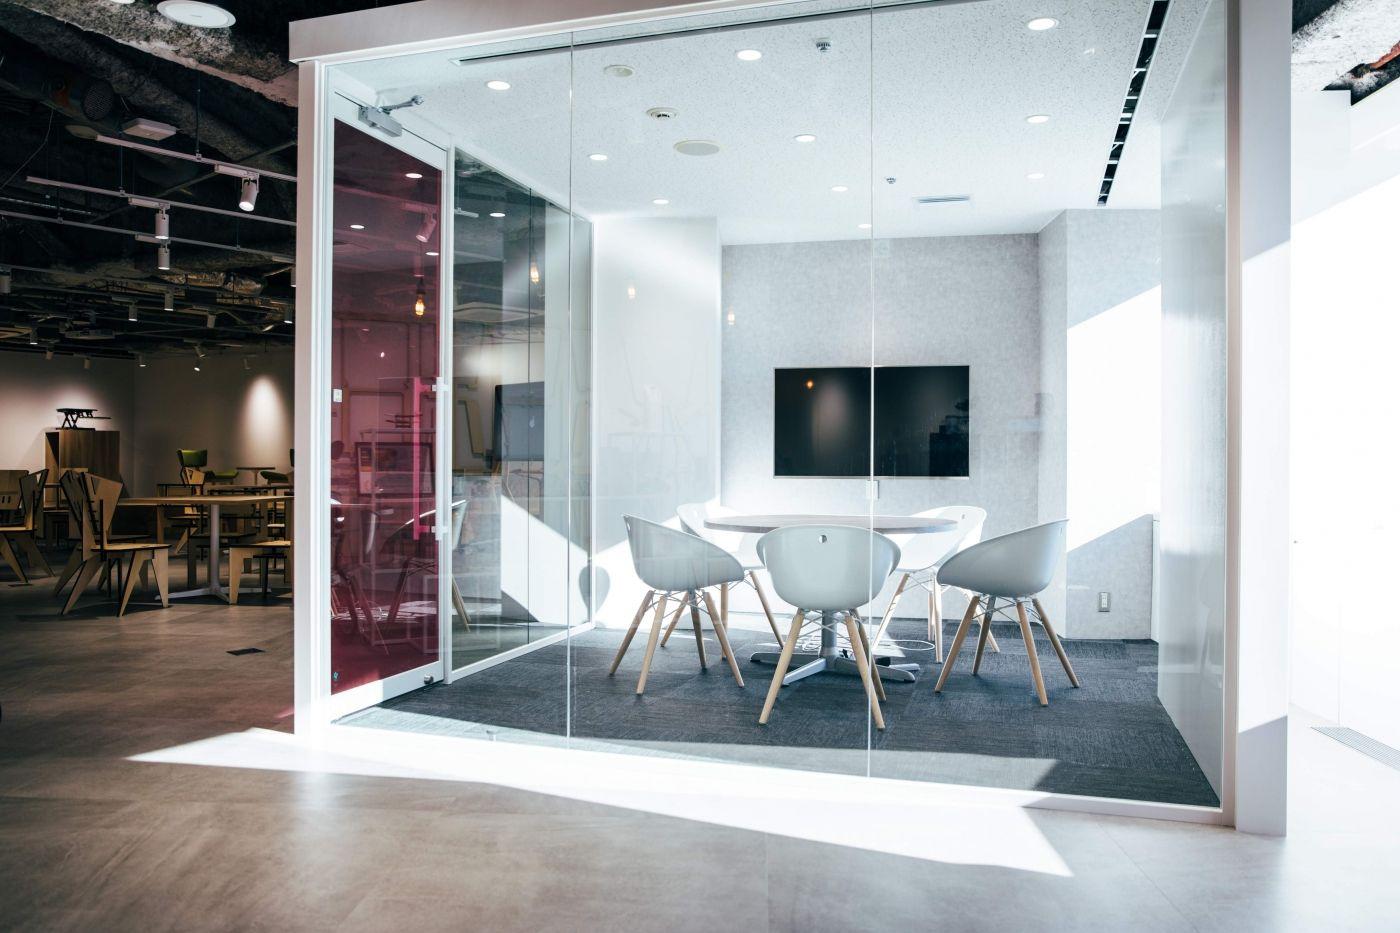 訪れたお客様に驚きと感動を与えるオフィス デザイナーズオフィスのヴィス 画像あり オフィスデザイン